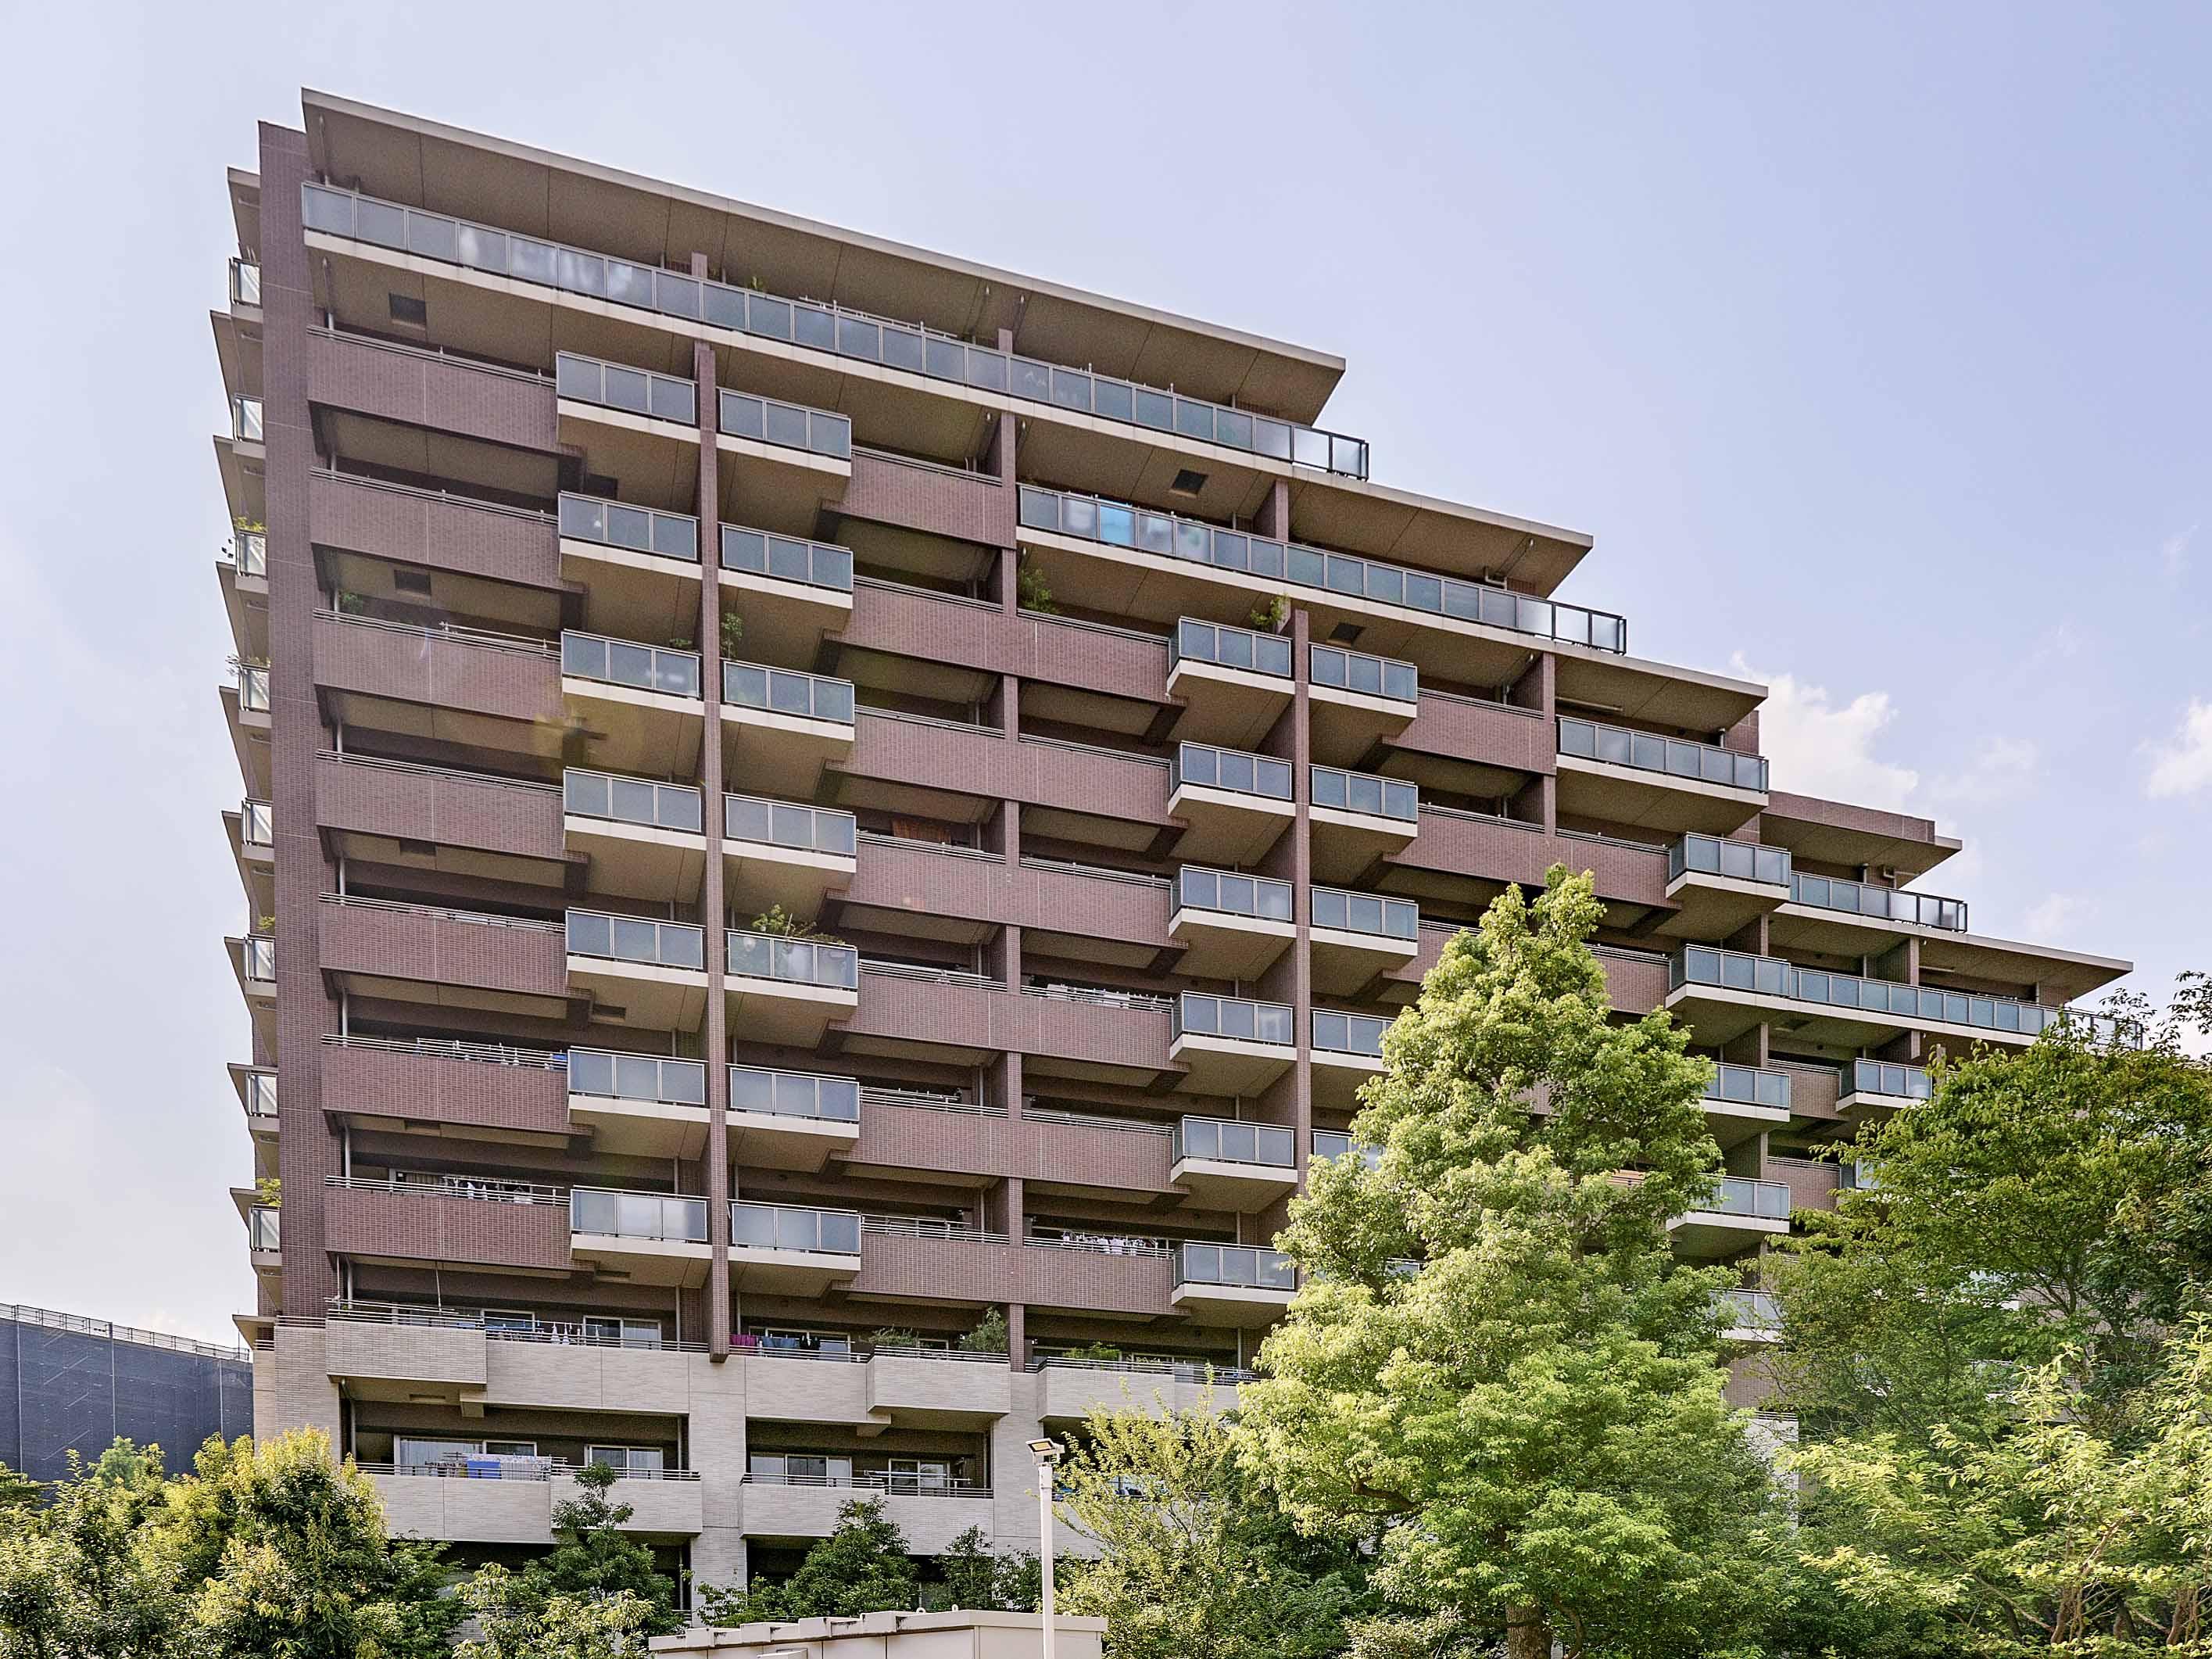 東京テラスは、なんと1036戸の超大規模マンション!